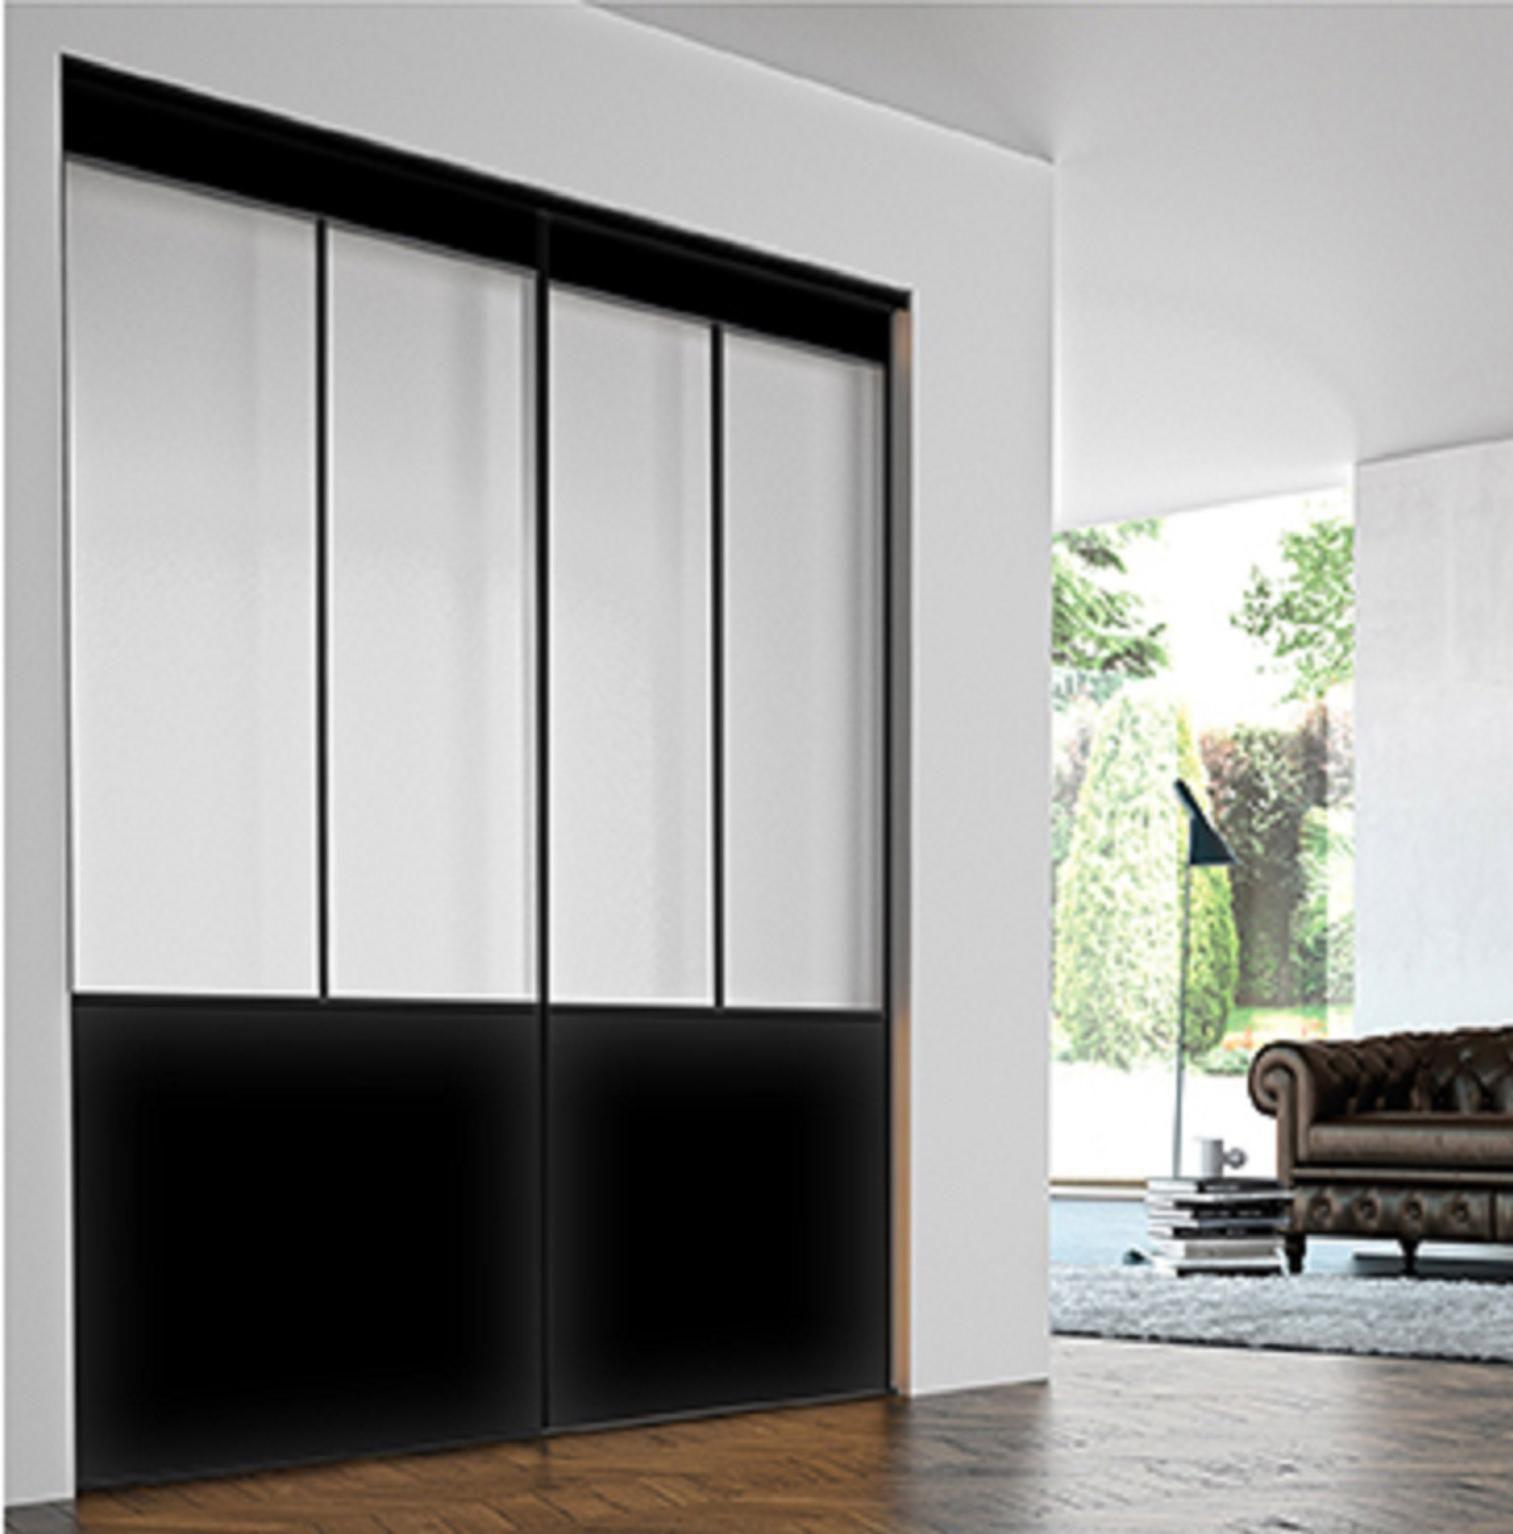 Atelier Kit Leroy Merlin Verriere Xml Encoding Utf 8 Verriere Kit Atelier Leroy Merlin Verriere K In 2020 Sliding Wardrobe Doors Wardrobe Doors Closet Doors